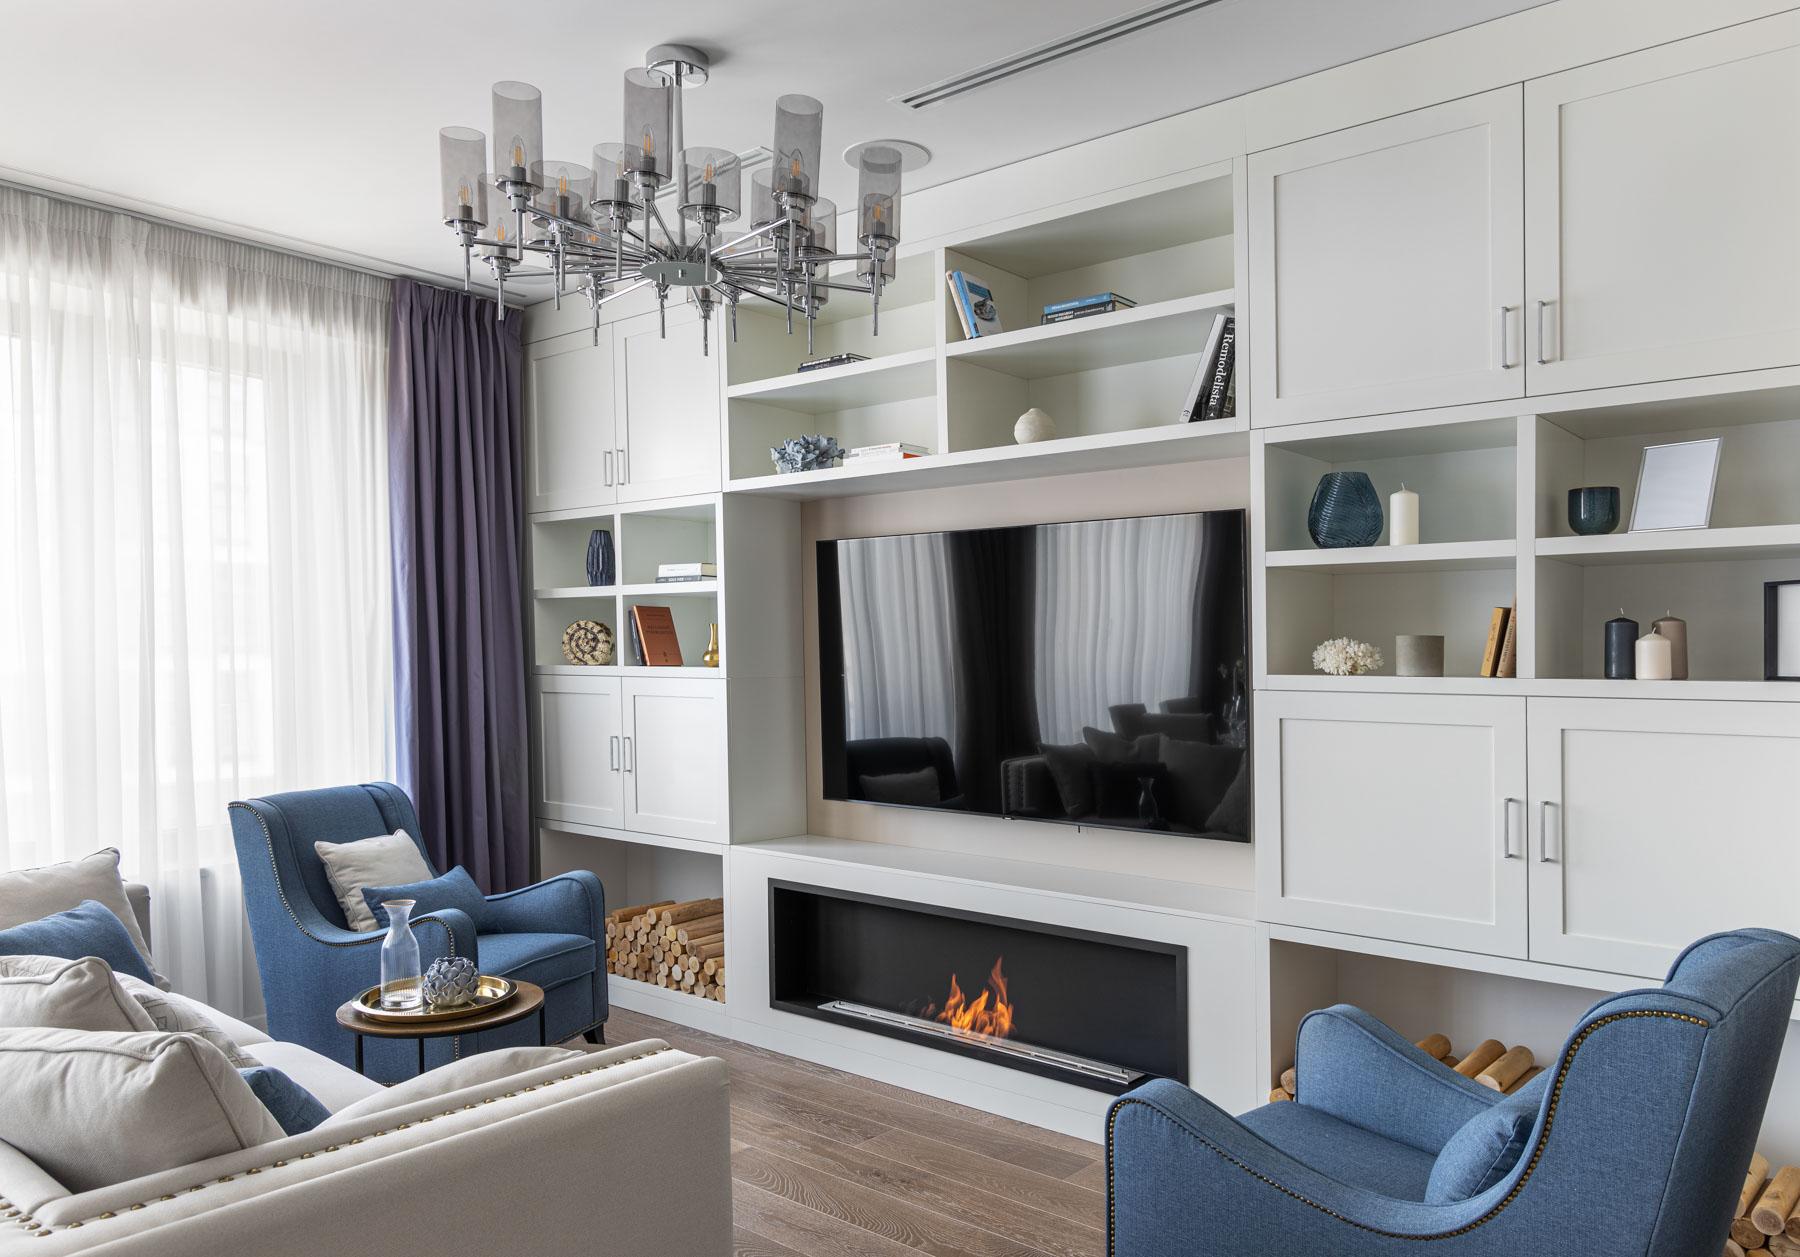 Съемка интерьера квартиры в ЖК Царская площадь